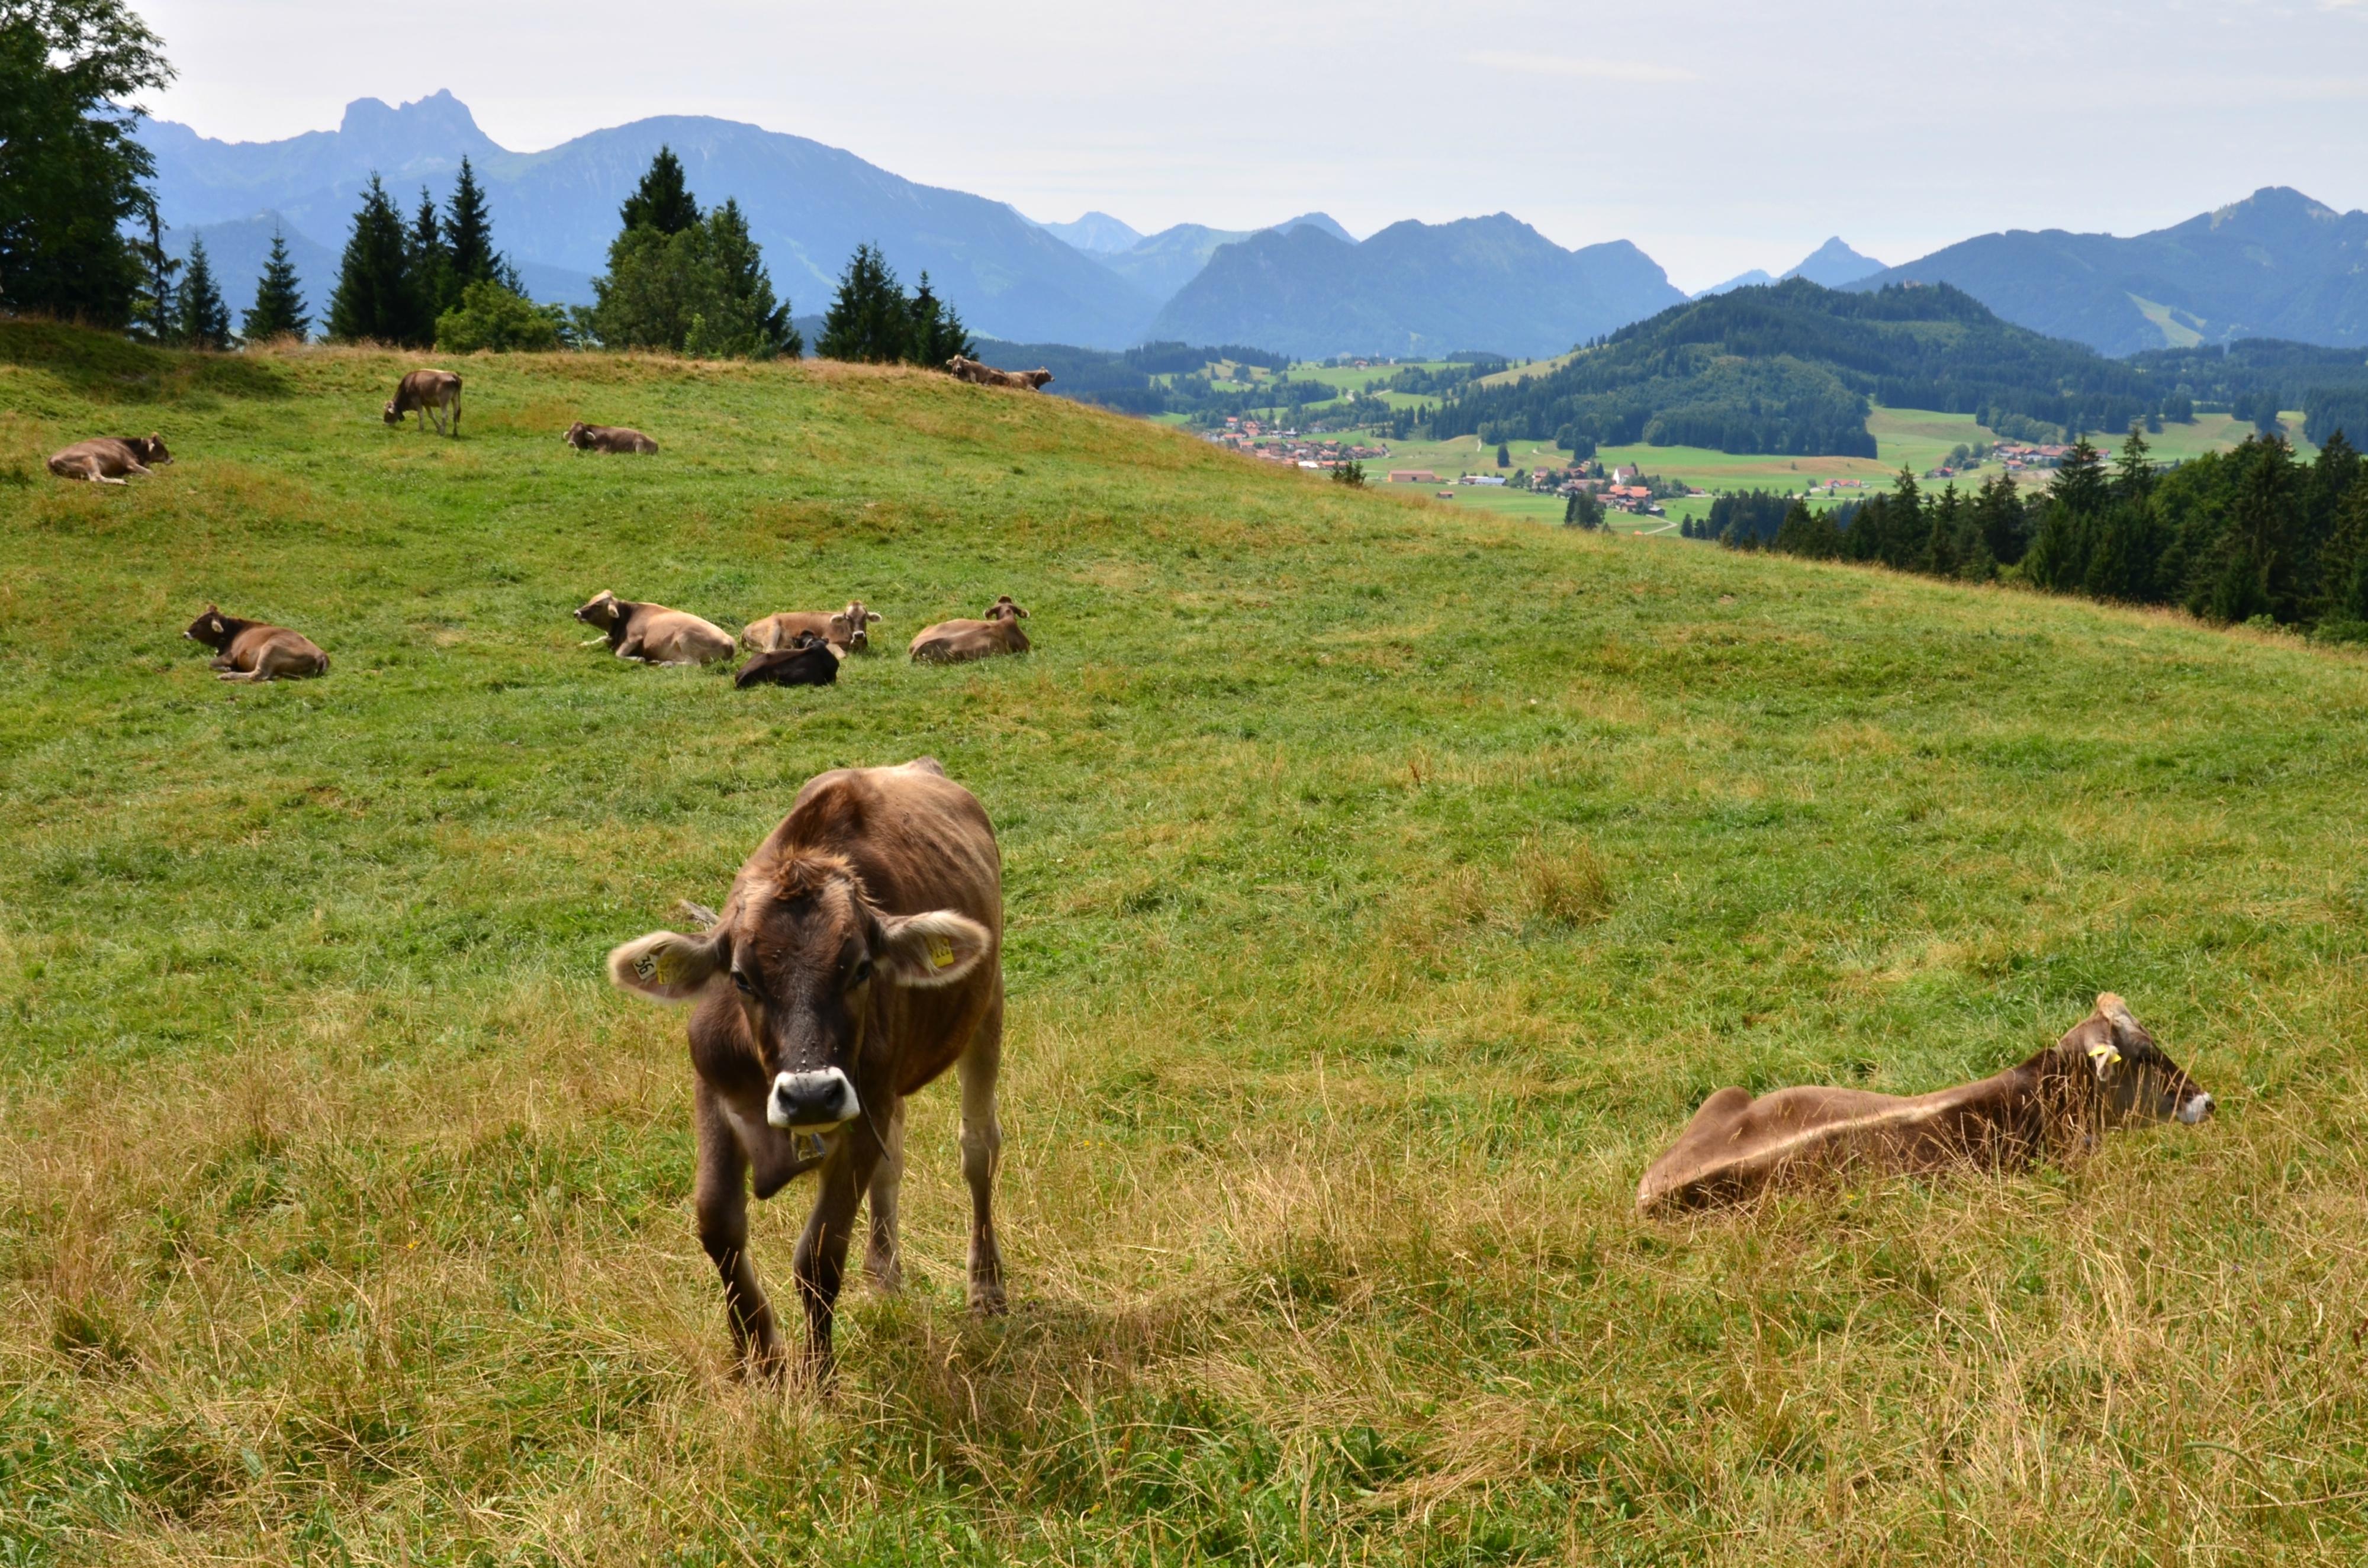 A0045_Alpe_Bichelstein_Blick_Pfrontener_Berge_und_Kühe.jpg